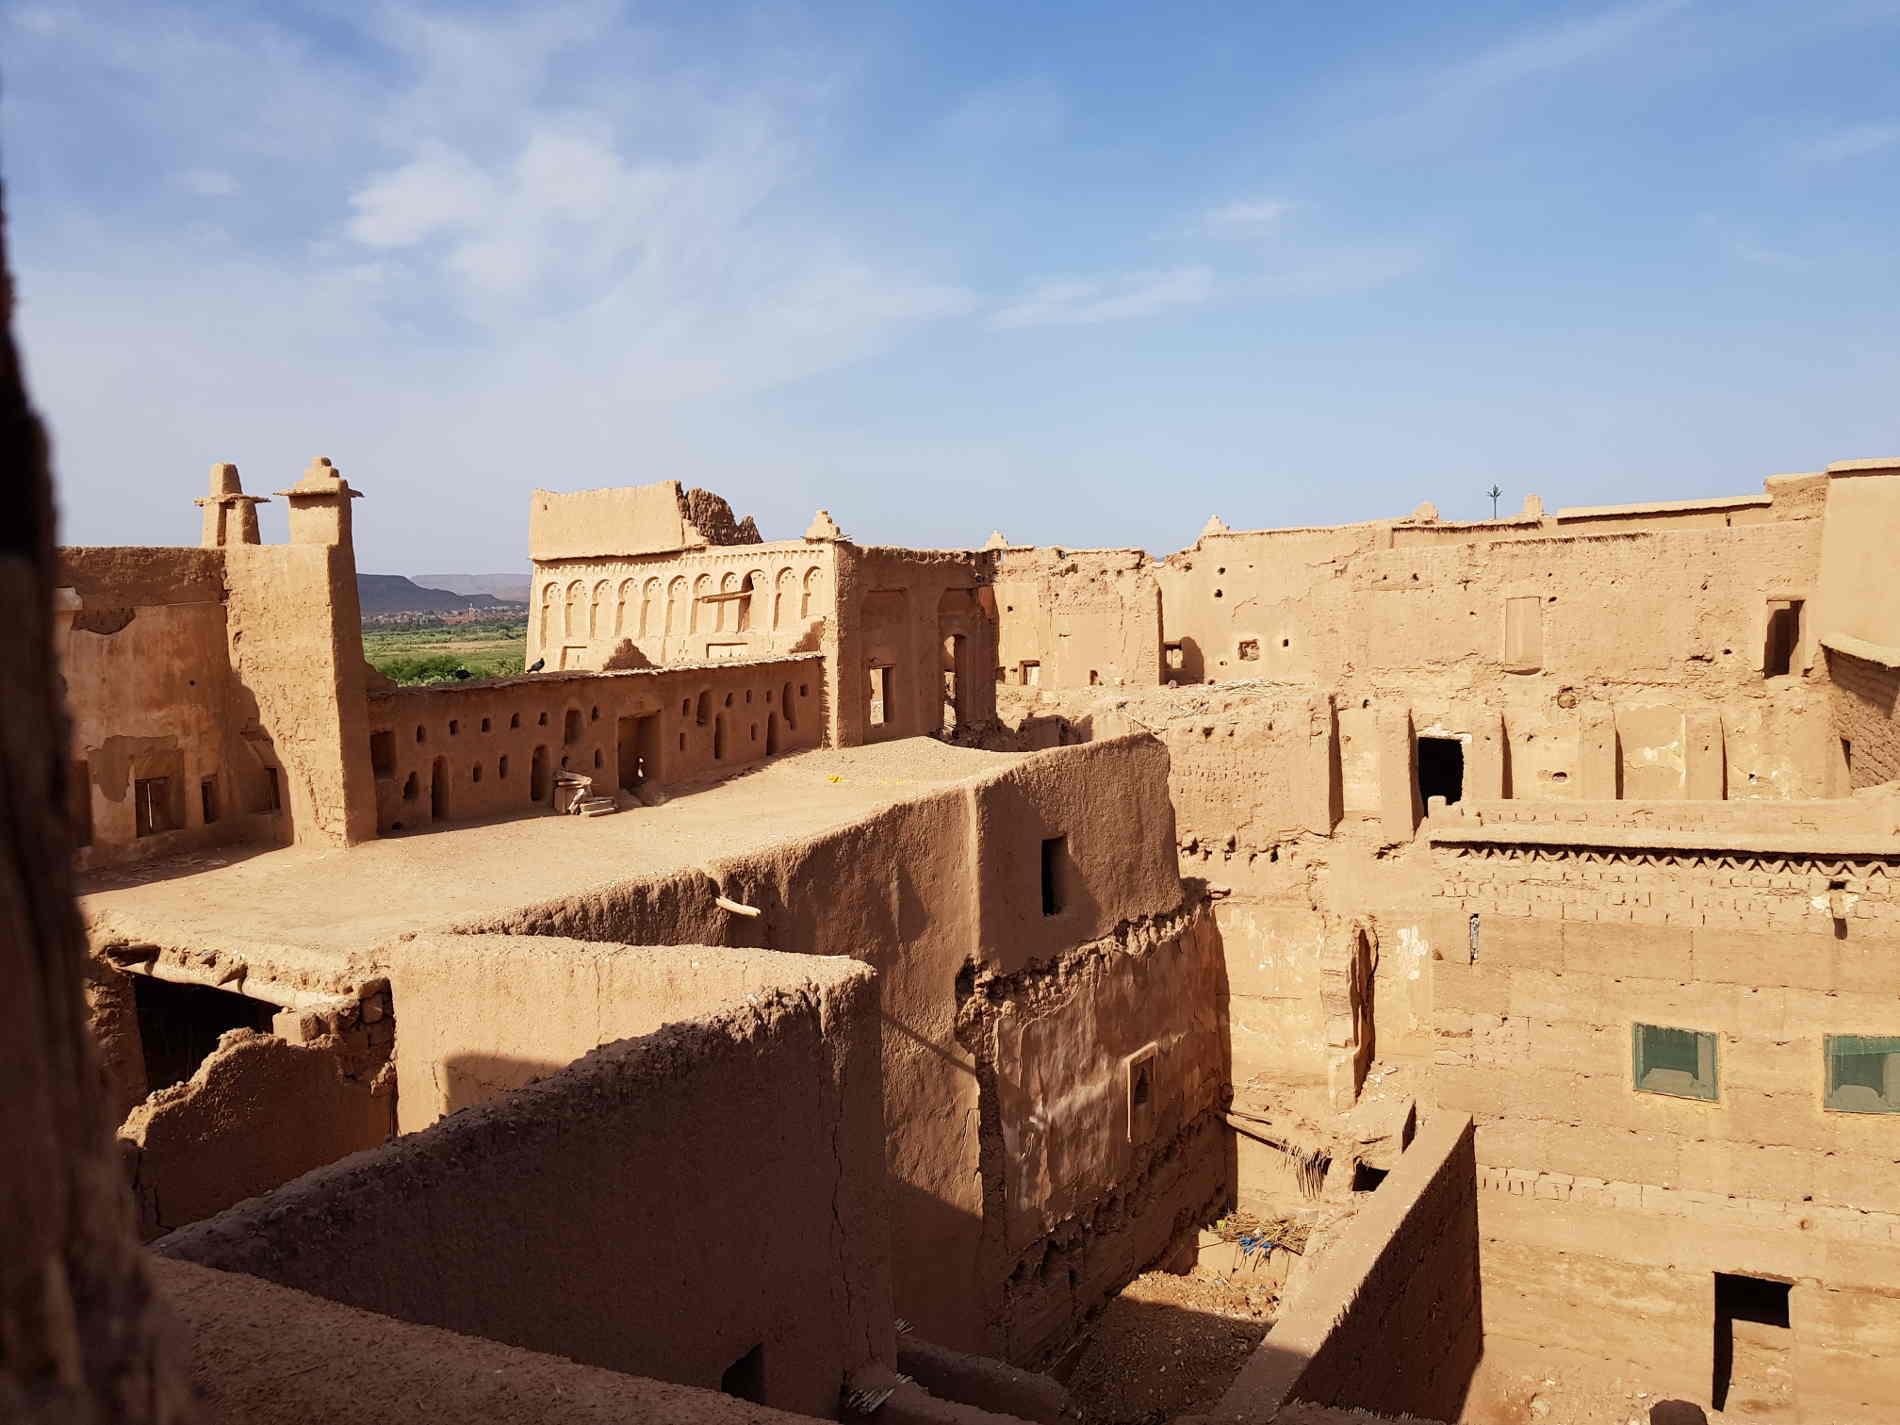 Cosa vedere a Ouarzazate e dintorn dall'alto della Kasbah di taourirt